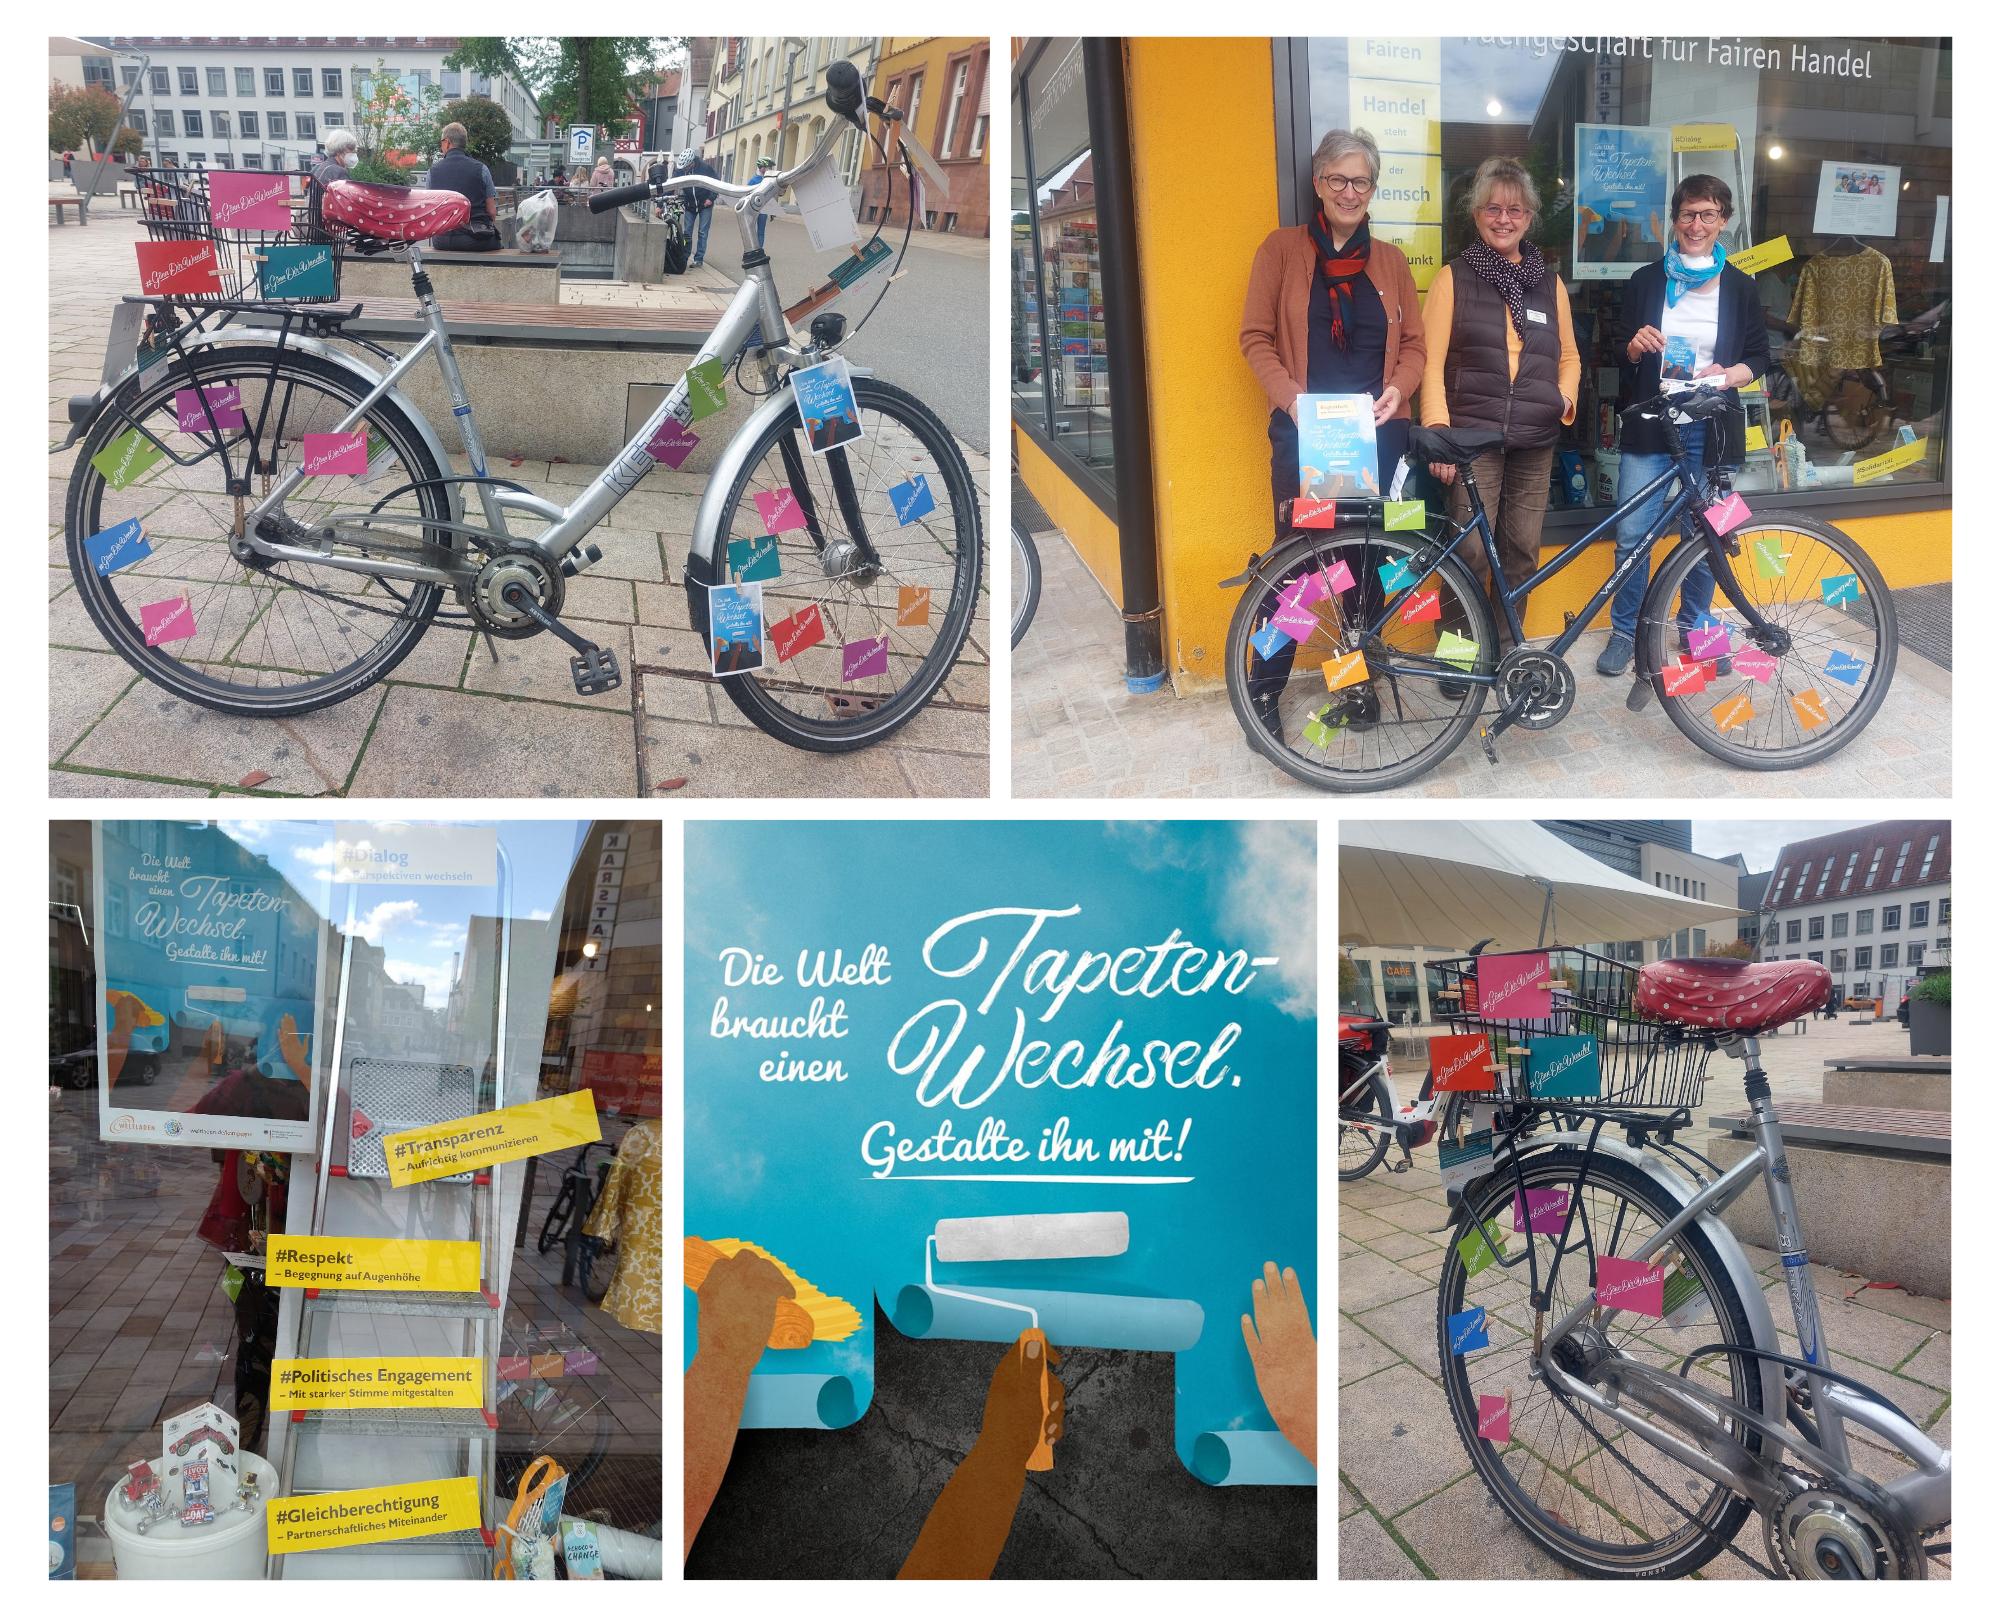 """Collage mit Fahrrädern, vollgepackt mit Impulskärtchen. Auf einem Bild sieht man das Bildungsteam. Auf einem anderen Bild ein Teil des dekorierten Schaufensters. Ausserdem das Plakat mit dem Text: """"Die Welt braucht einen Tapetenwechsel. Gestalte ihn mit"""""""